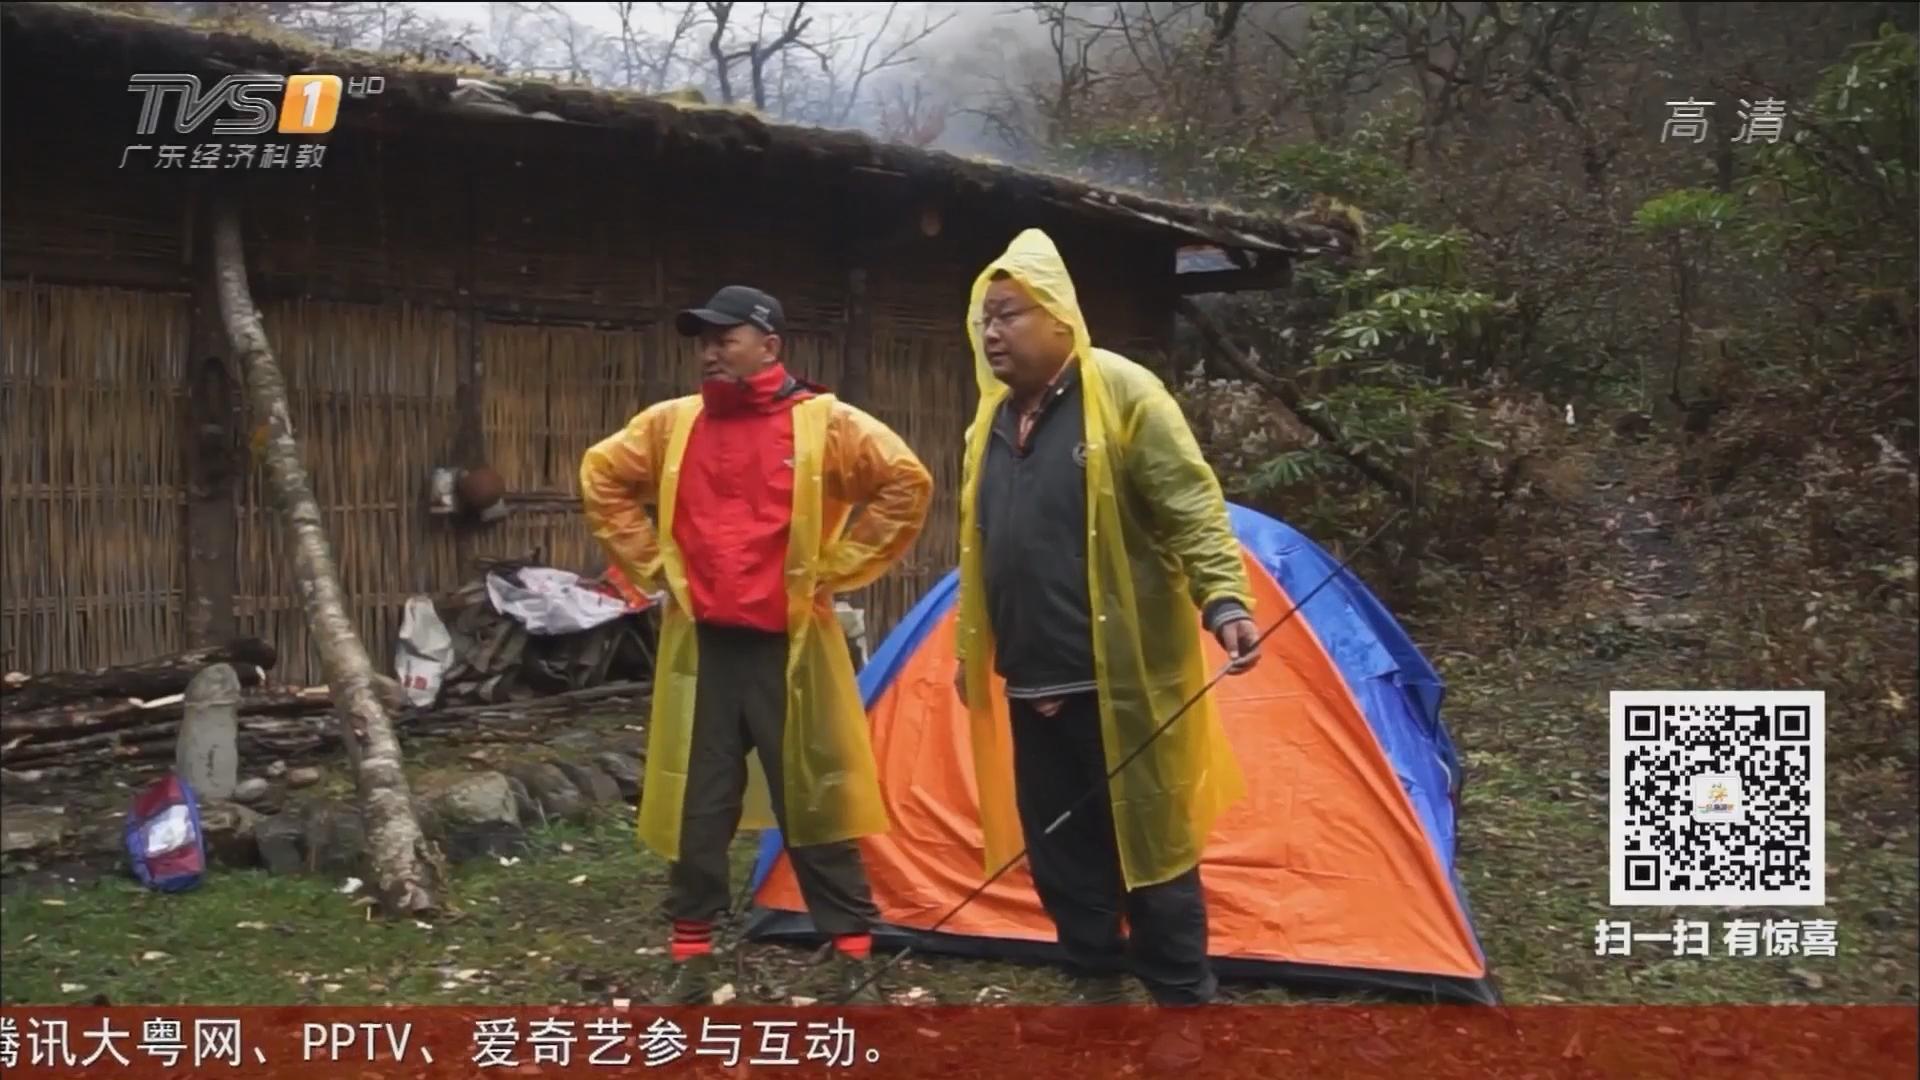 四川——生存技能挑战1 搭帐篷